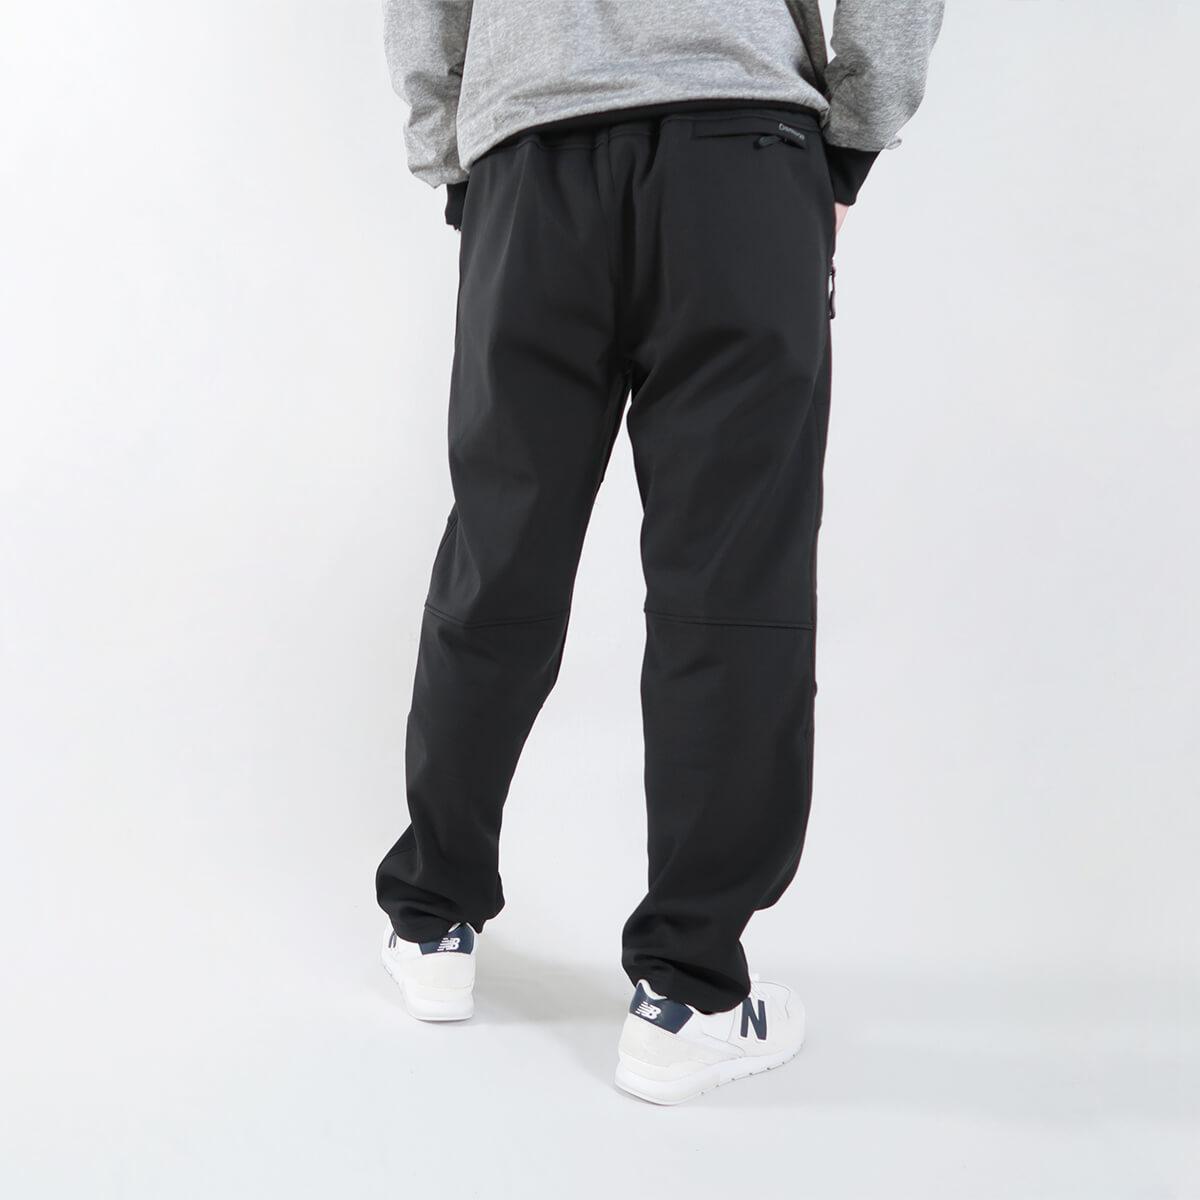 保暖厚刷毛軟殼褲 防風防潑水透氣保暖衝鋒褲 保暖褲 內裡刷毛褲 休閒長褲 黑色長褲 WARM THICK FLEECE LINED SOFTSHELL PANTS OUTDOOR PANTS (321-356-08)深藍色、(321-356-21)黑色、(321-356-22)藍綠色 腰圍M L XL 2L(28~40英吋) [實體店面保障] sun-e 3